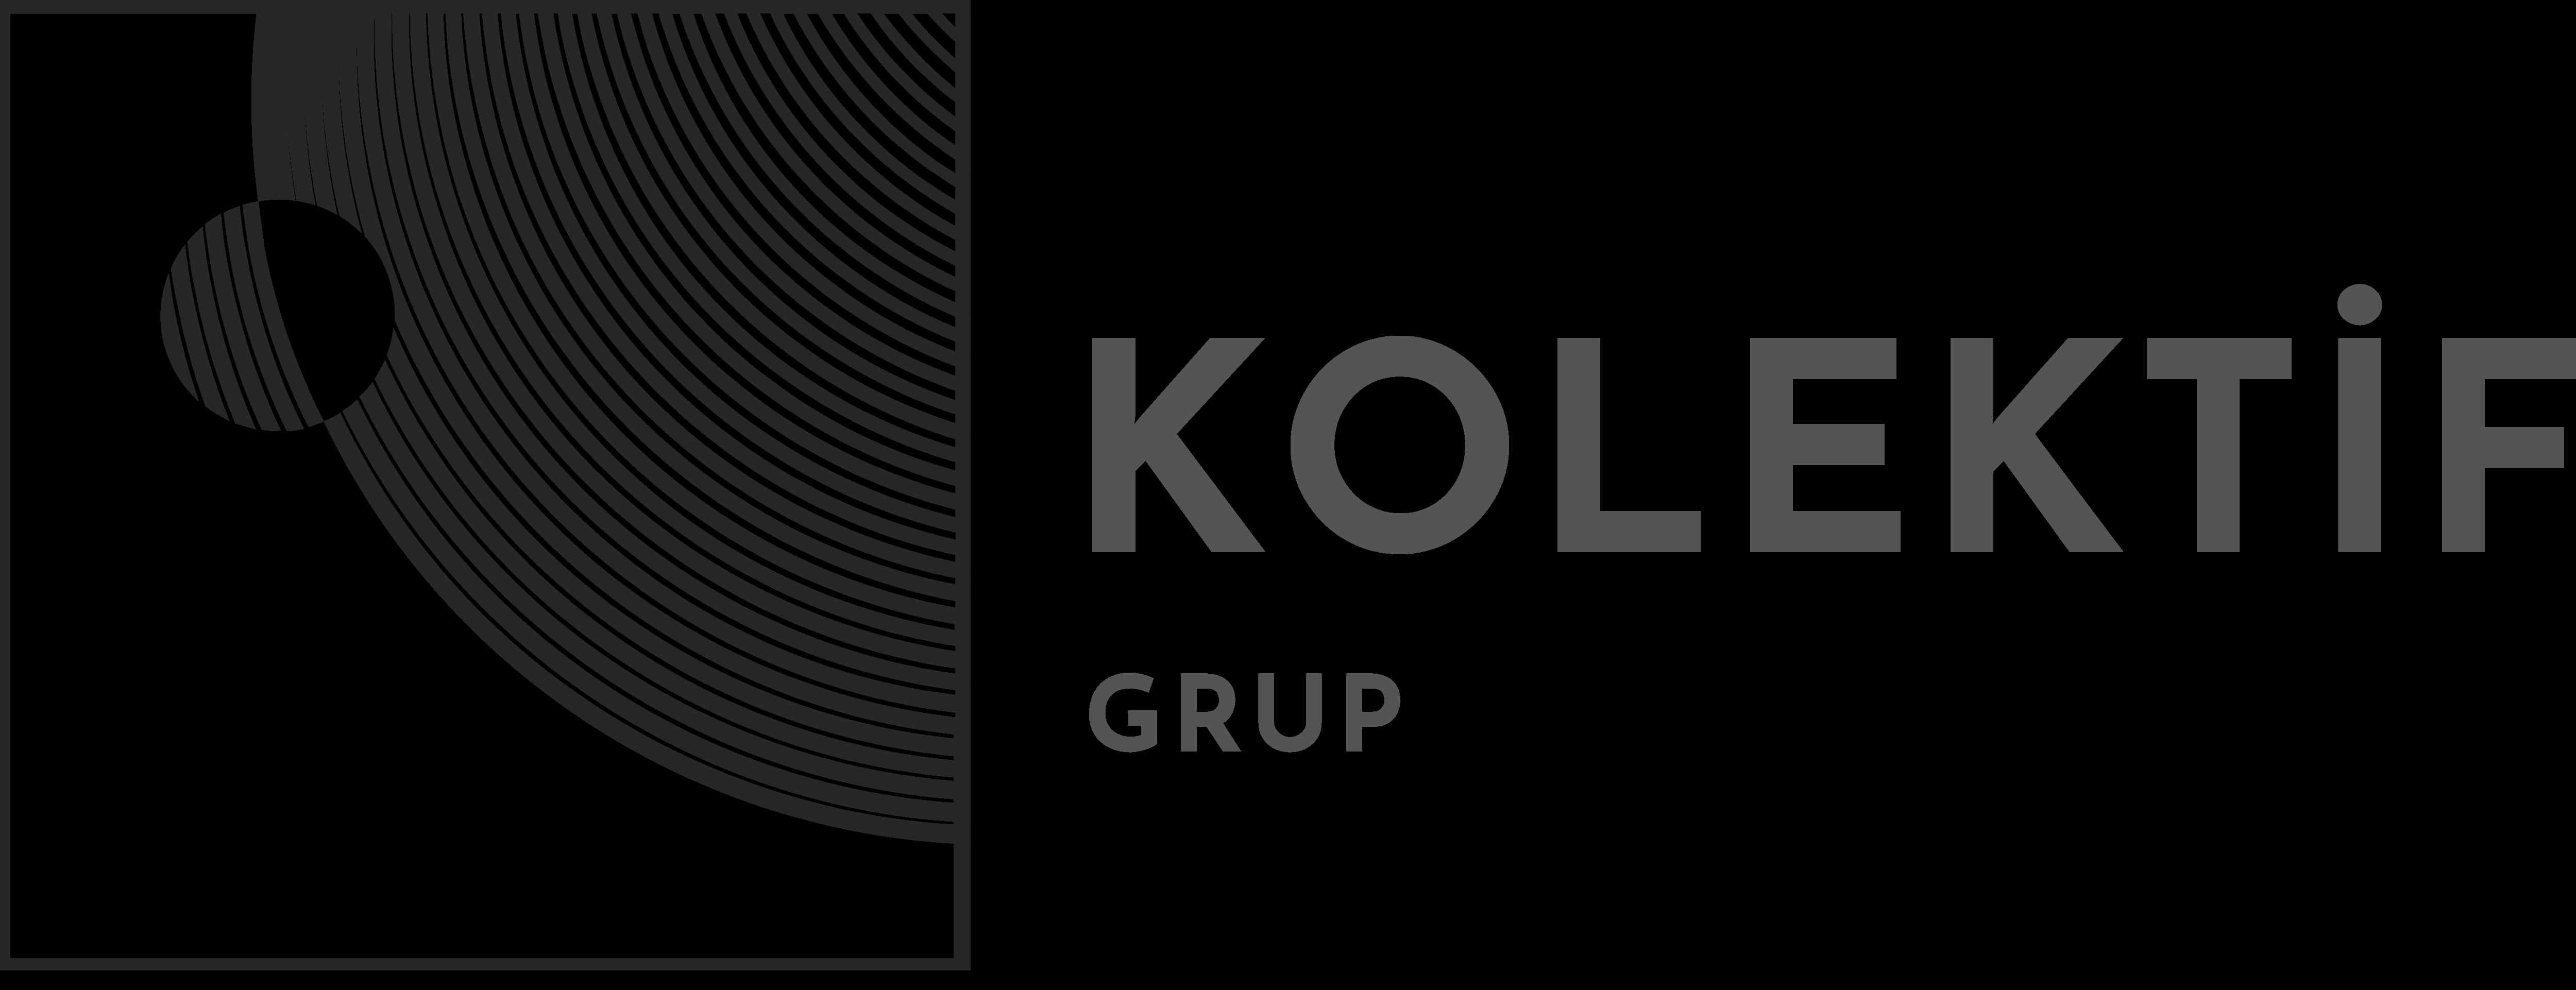 Kolektif Grup